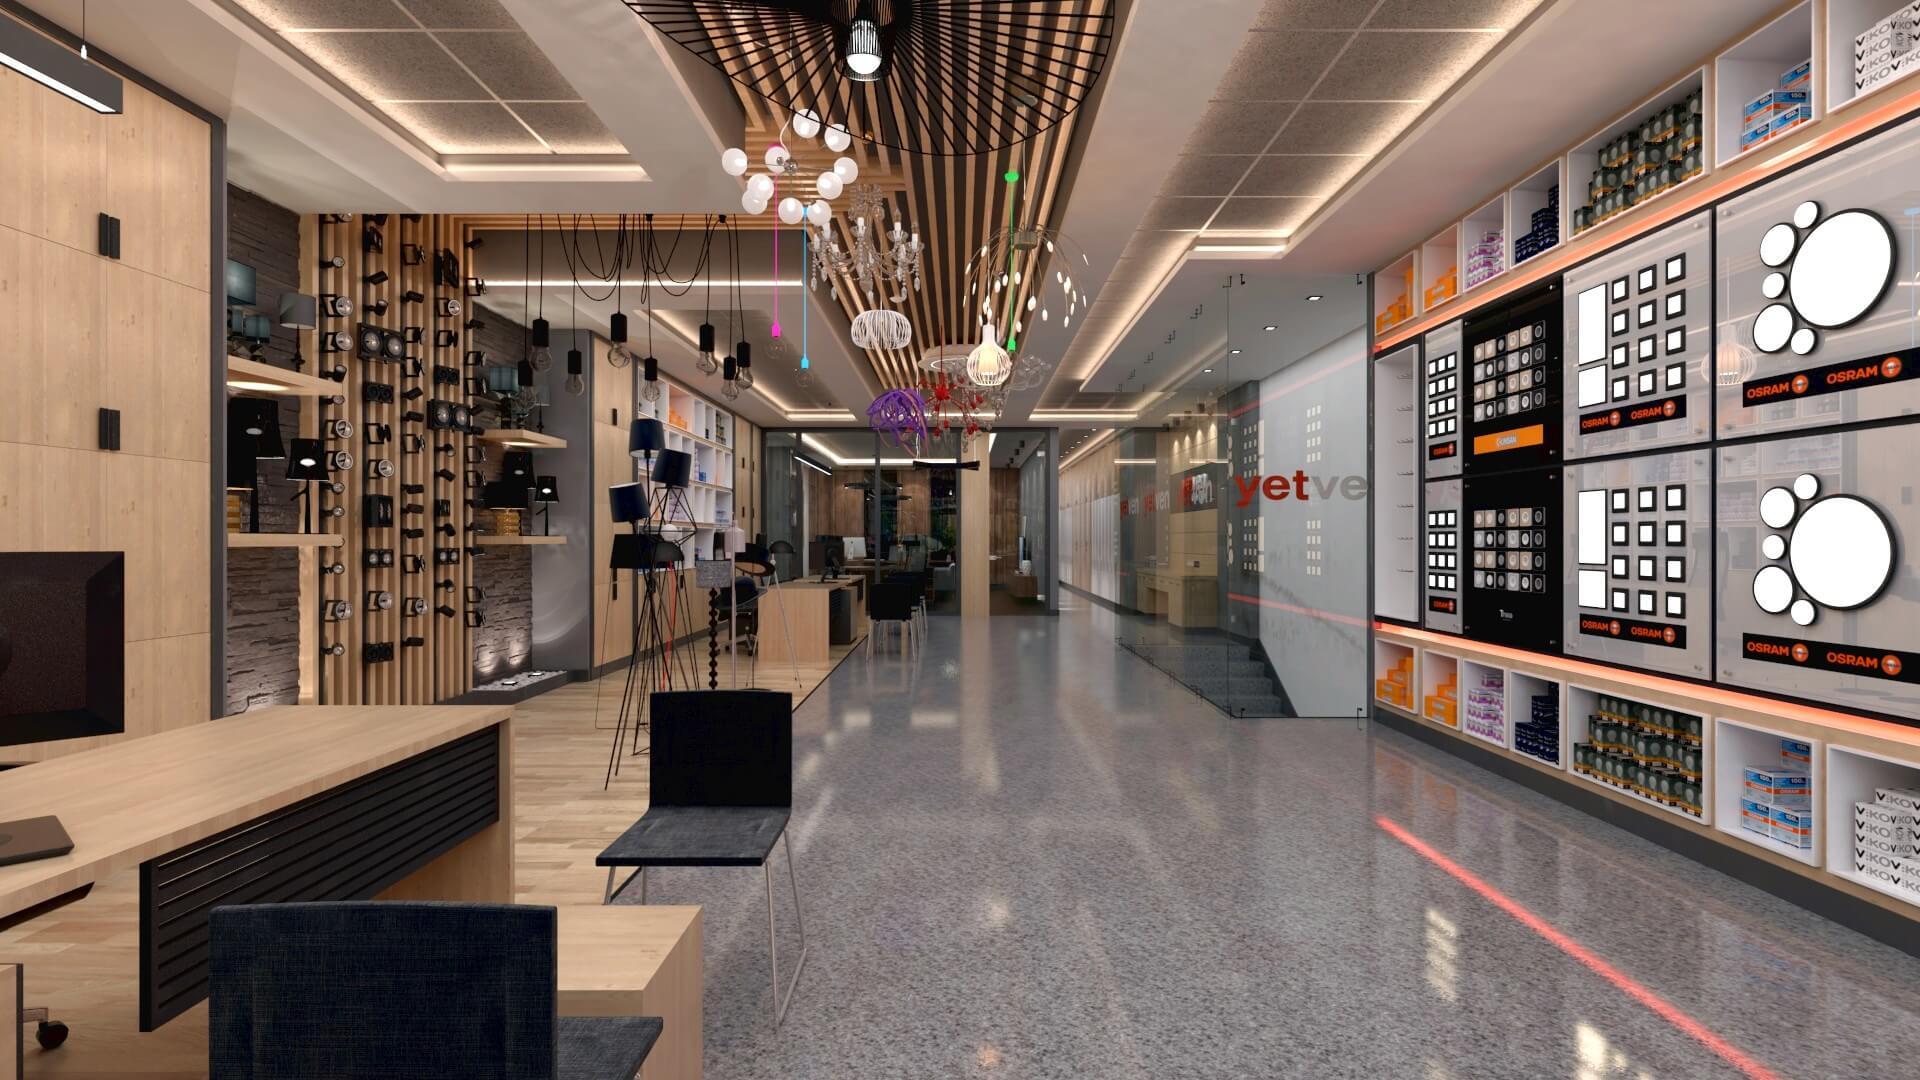 Mağaza Tasarımları ve İçmimari Dekorasyonu Yetven Elektrik / Ostim